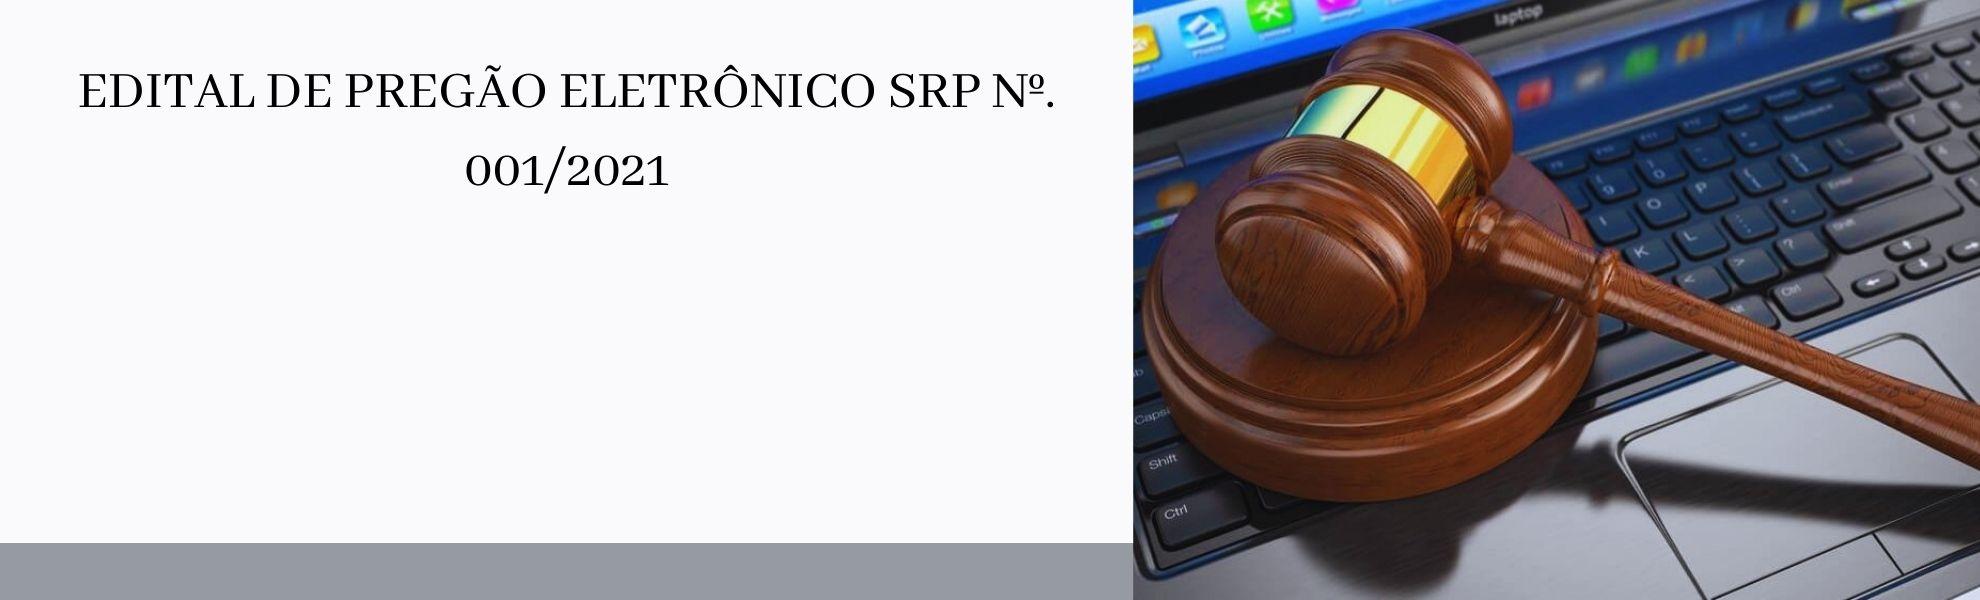 EDITAL DE PREGÃO ELETRÔNICO SRP Nº. 0012021